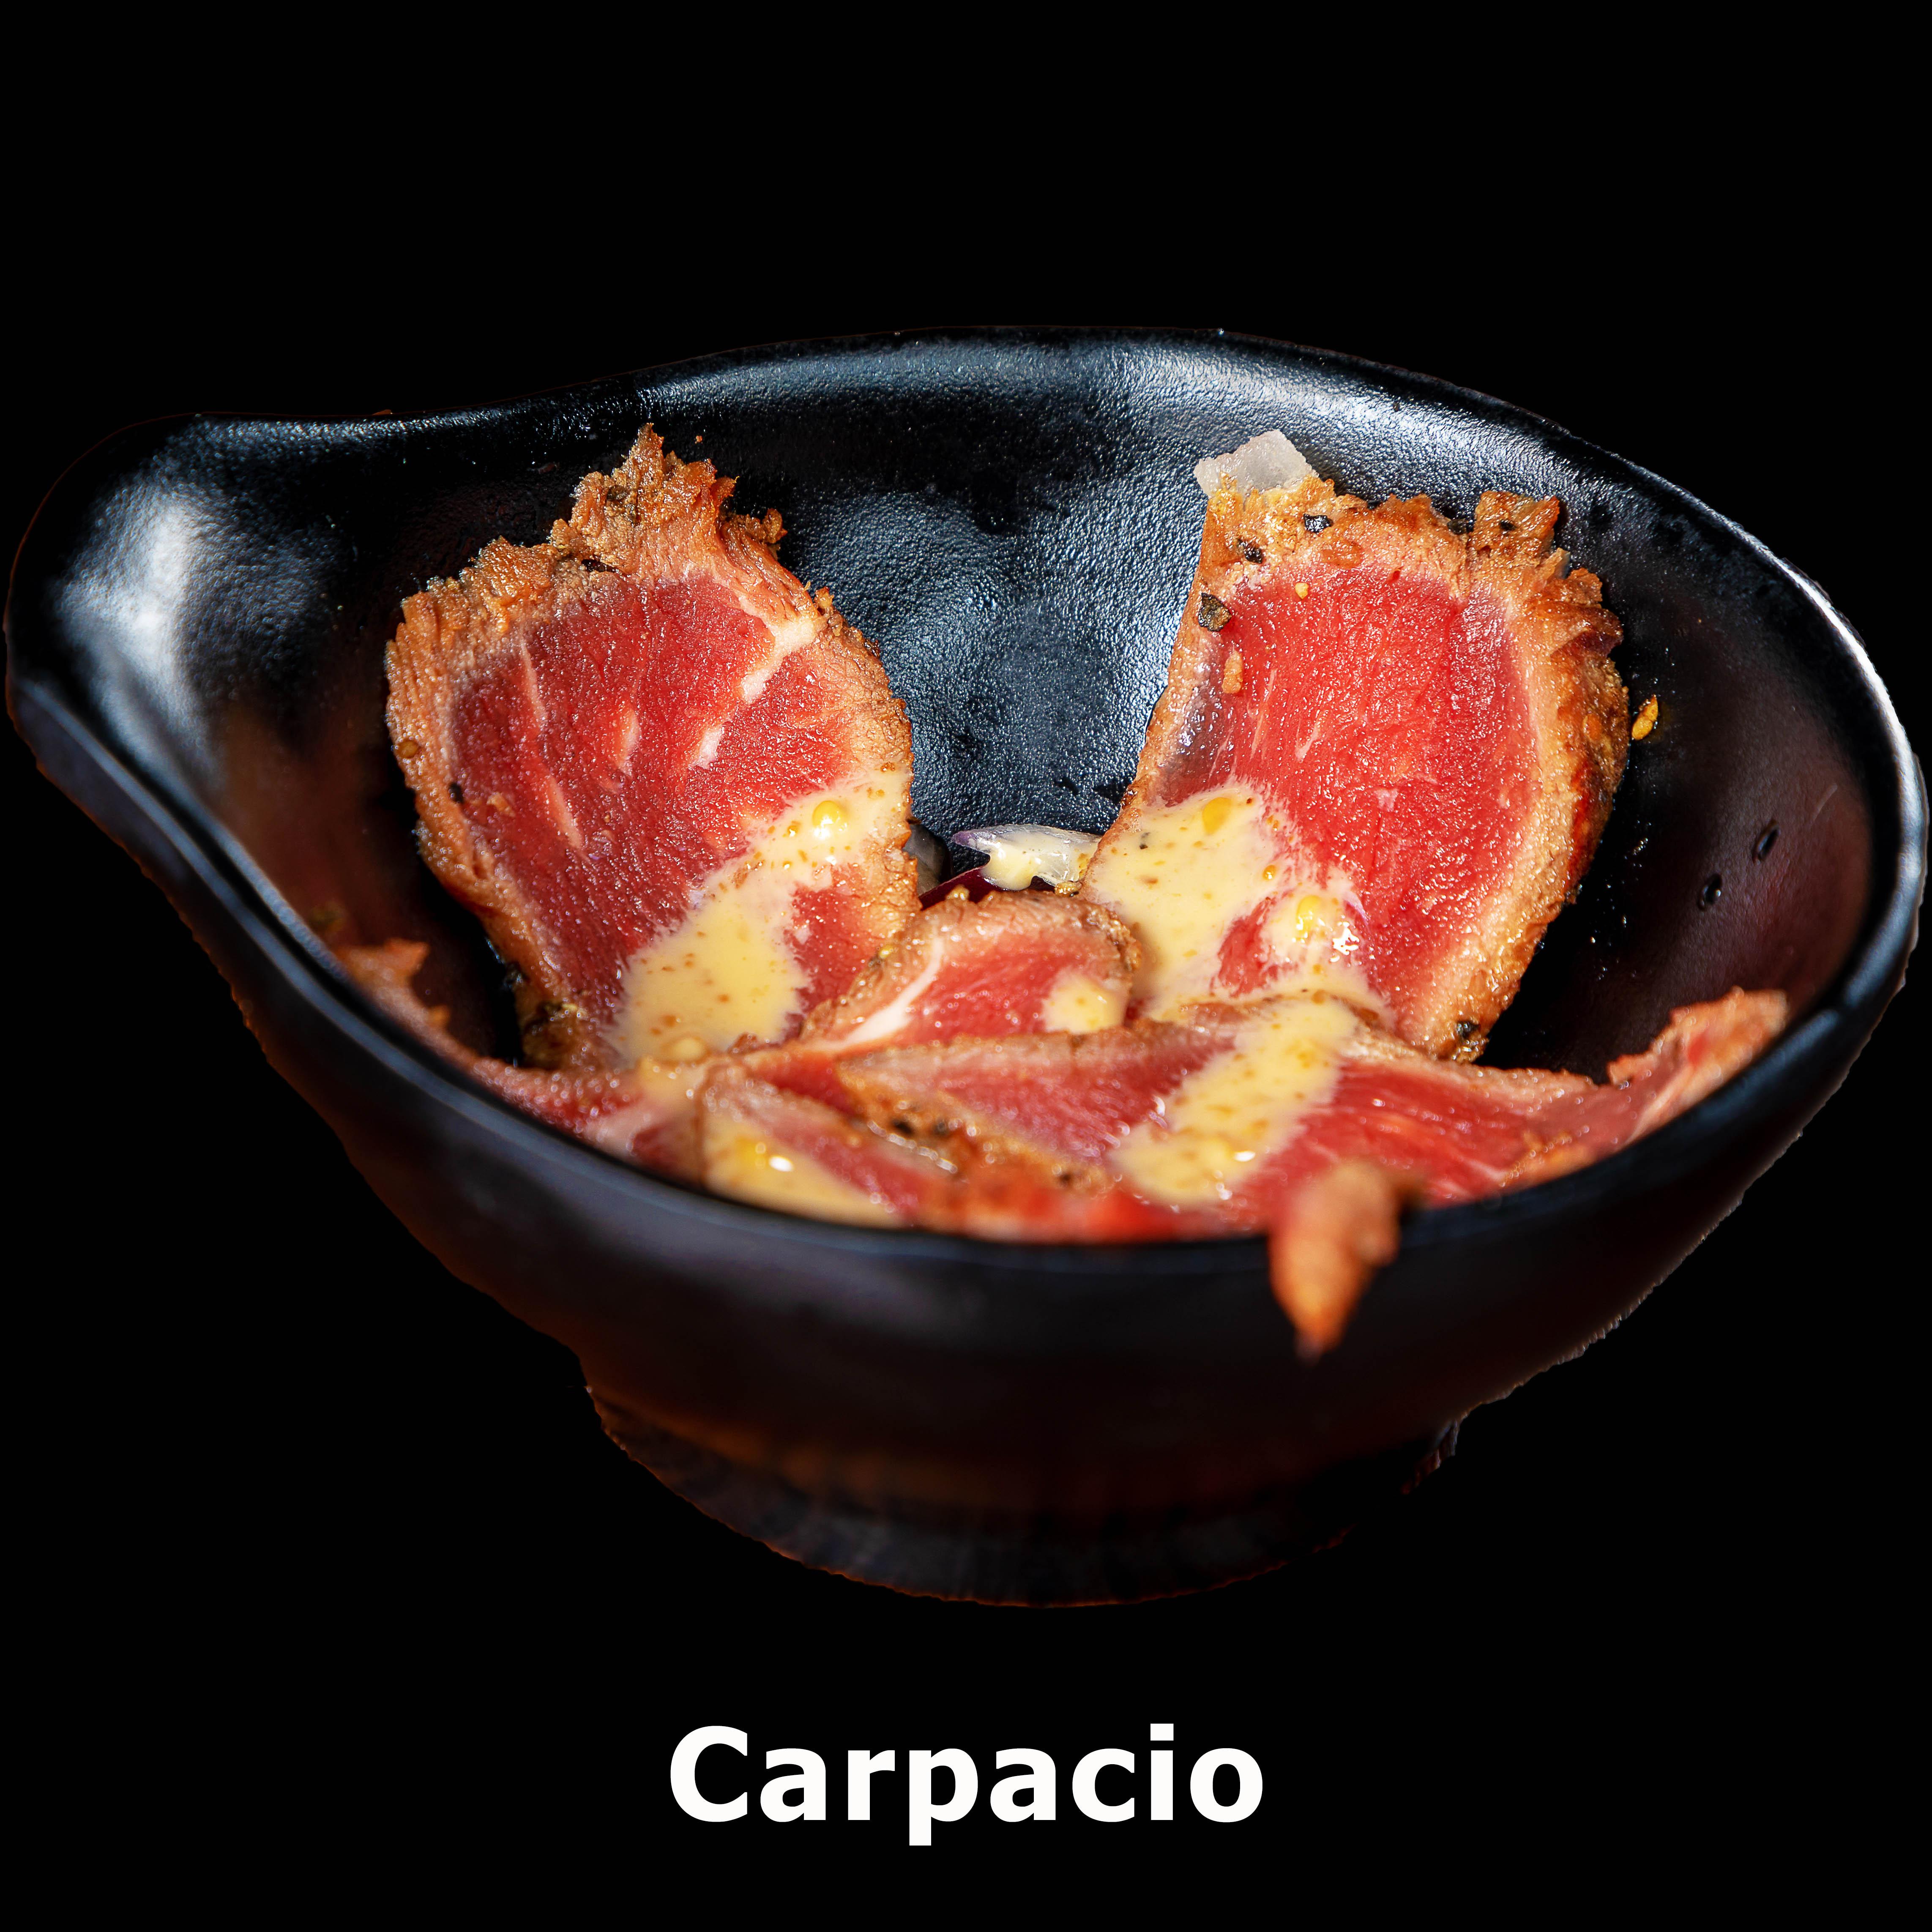 4. Carpacio